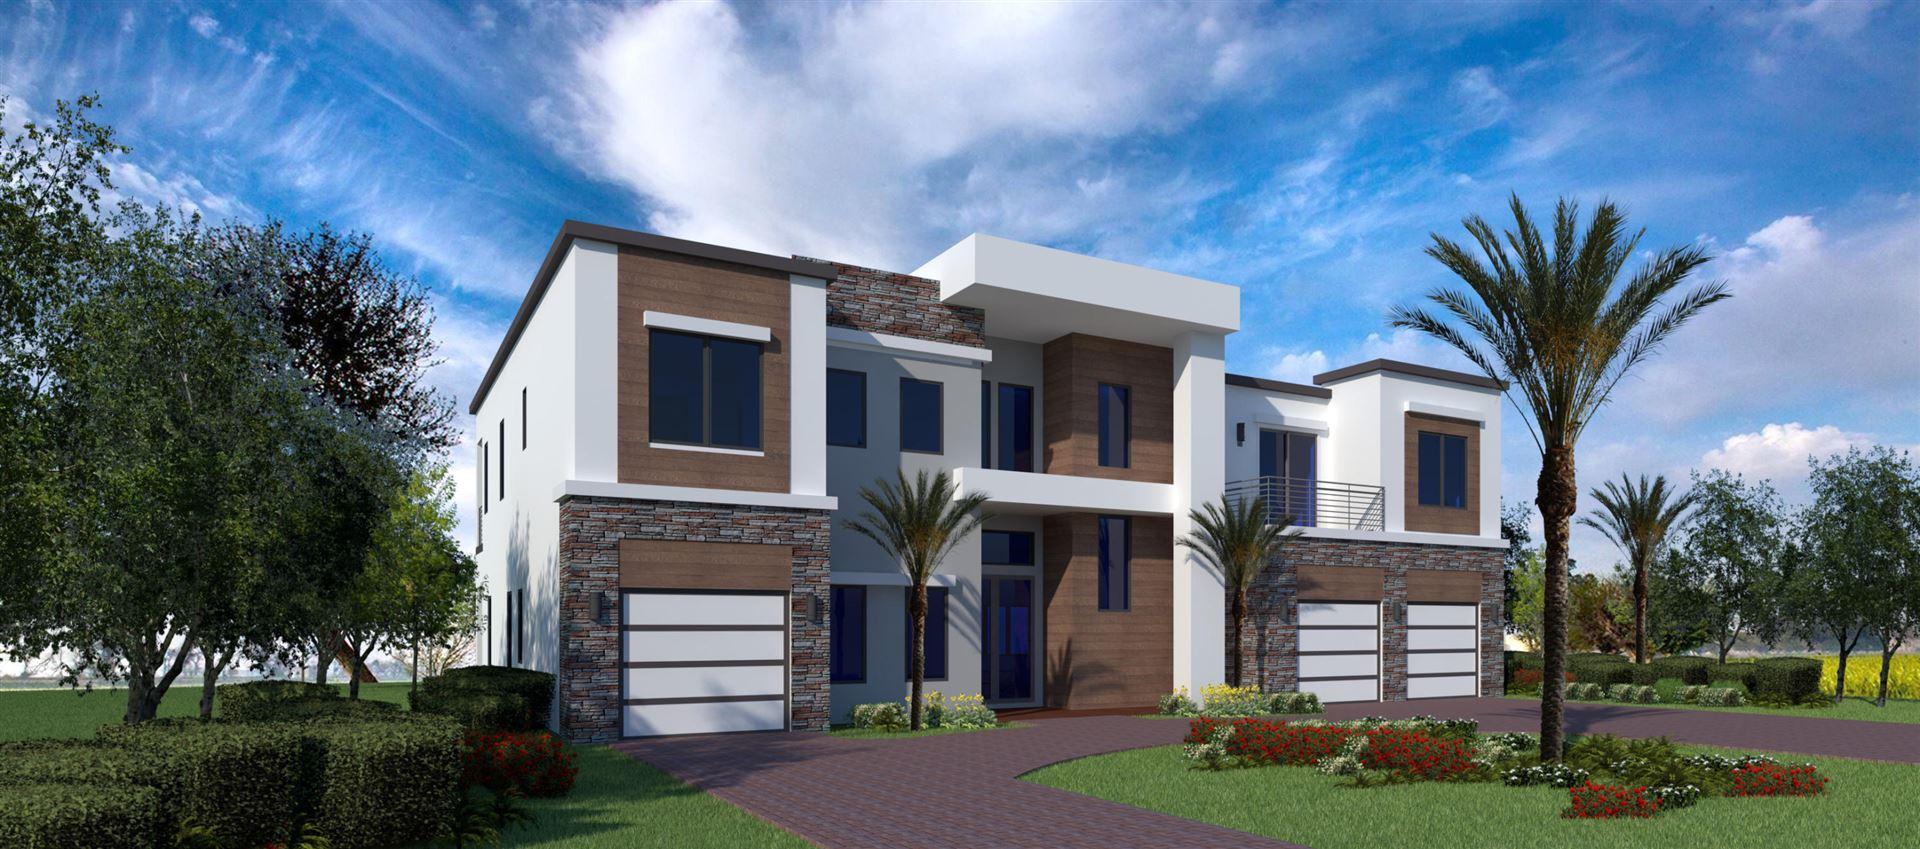 937 Cypress Drive, Boca Raton, FL 33483 - #: RX-10603982